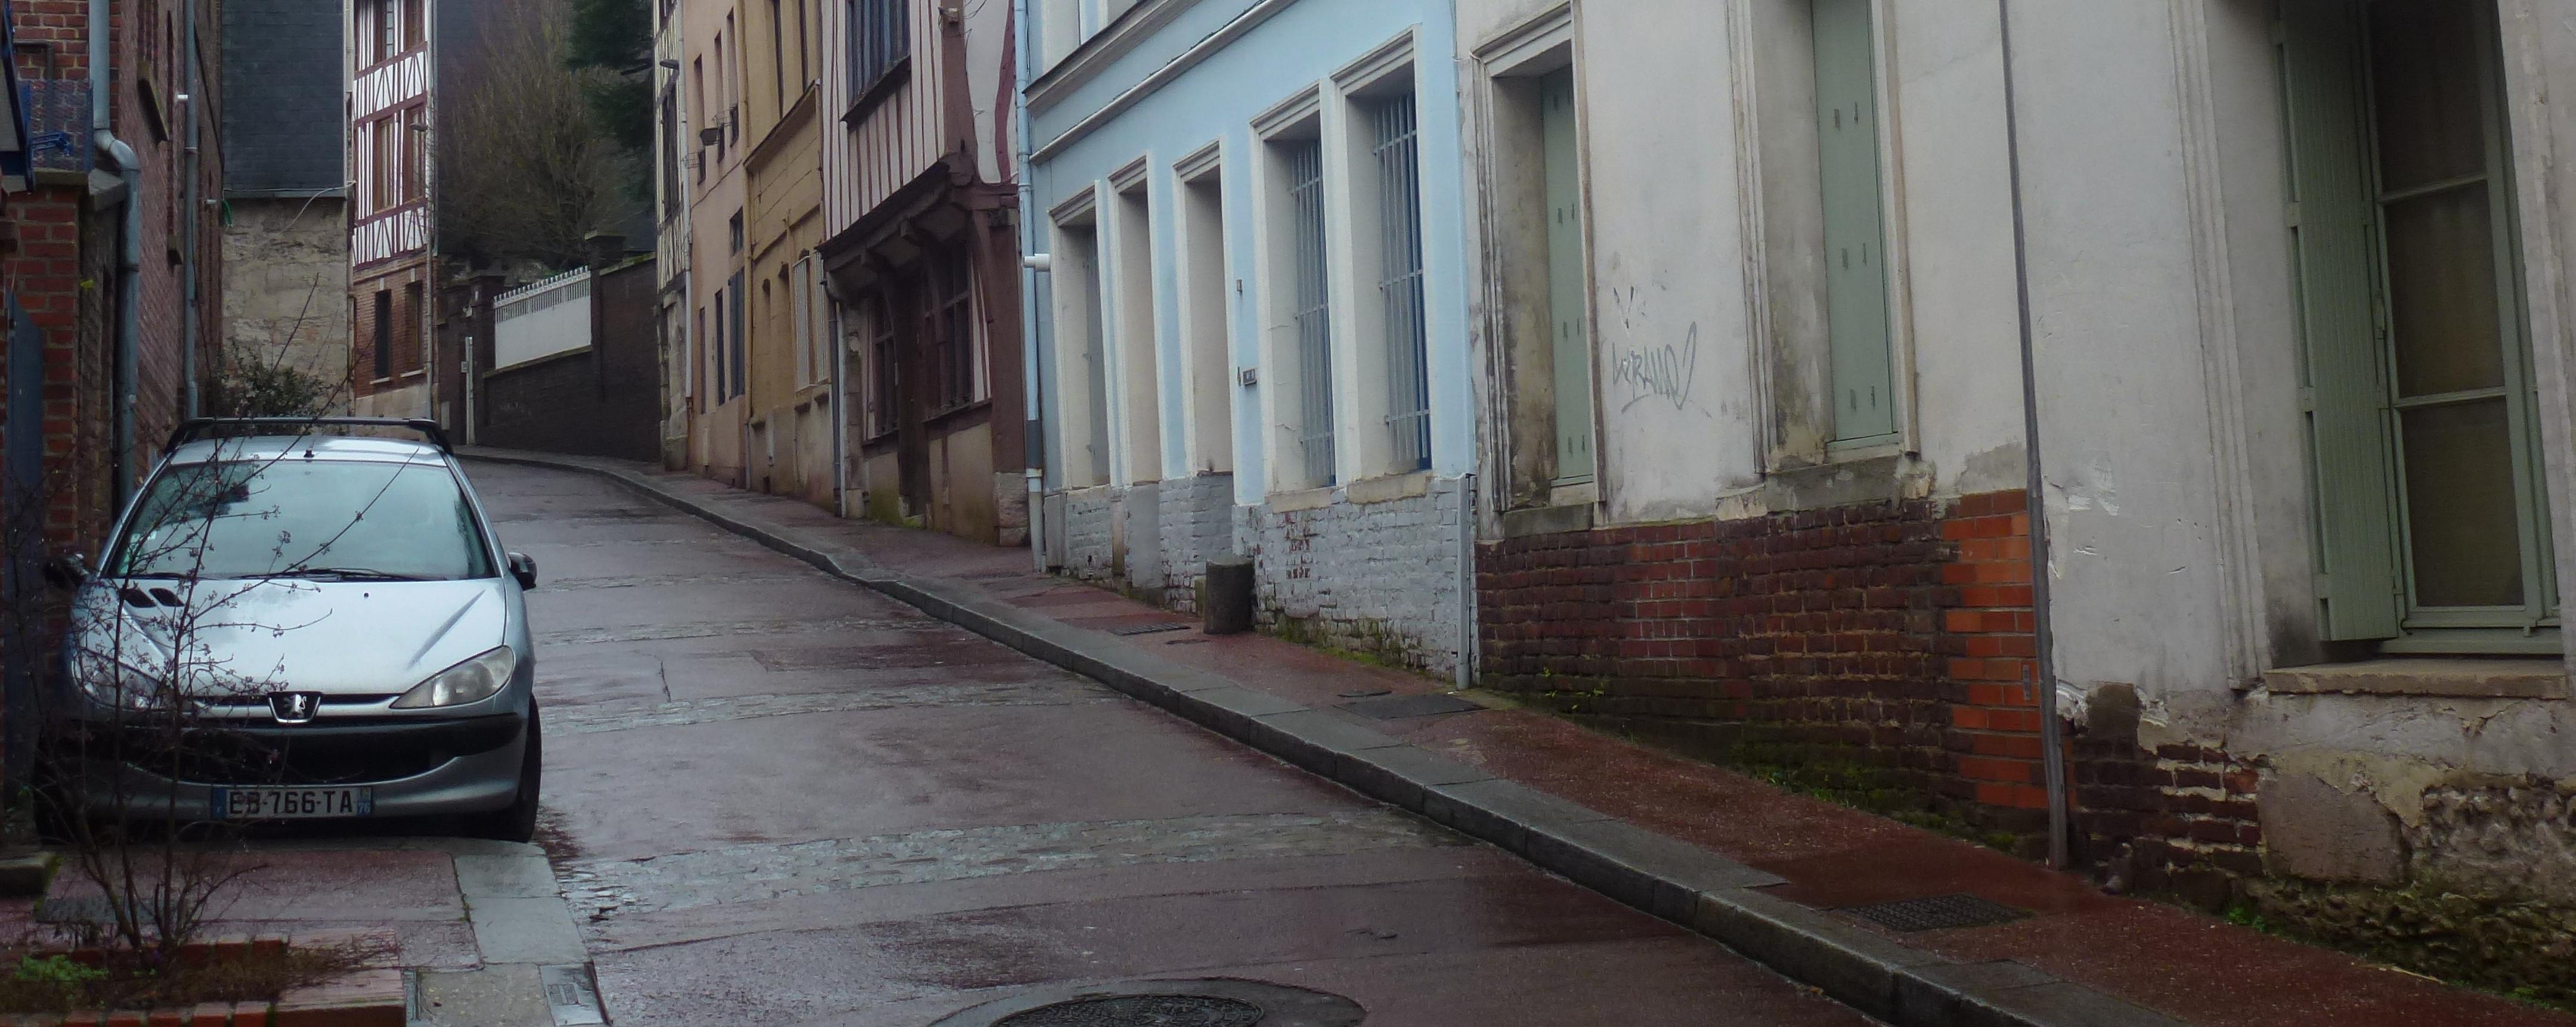 Rue des Deux-Anges aujourd'hui (2 fourgon)